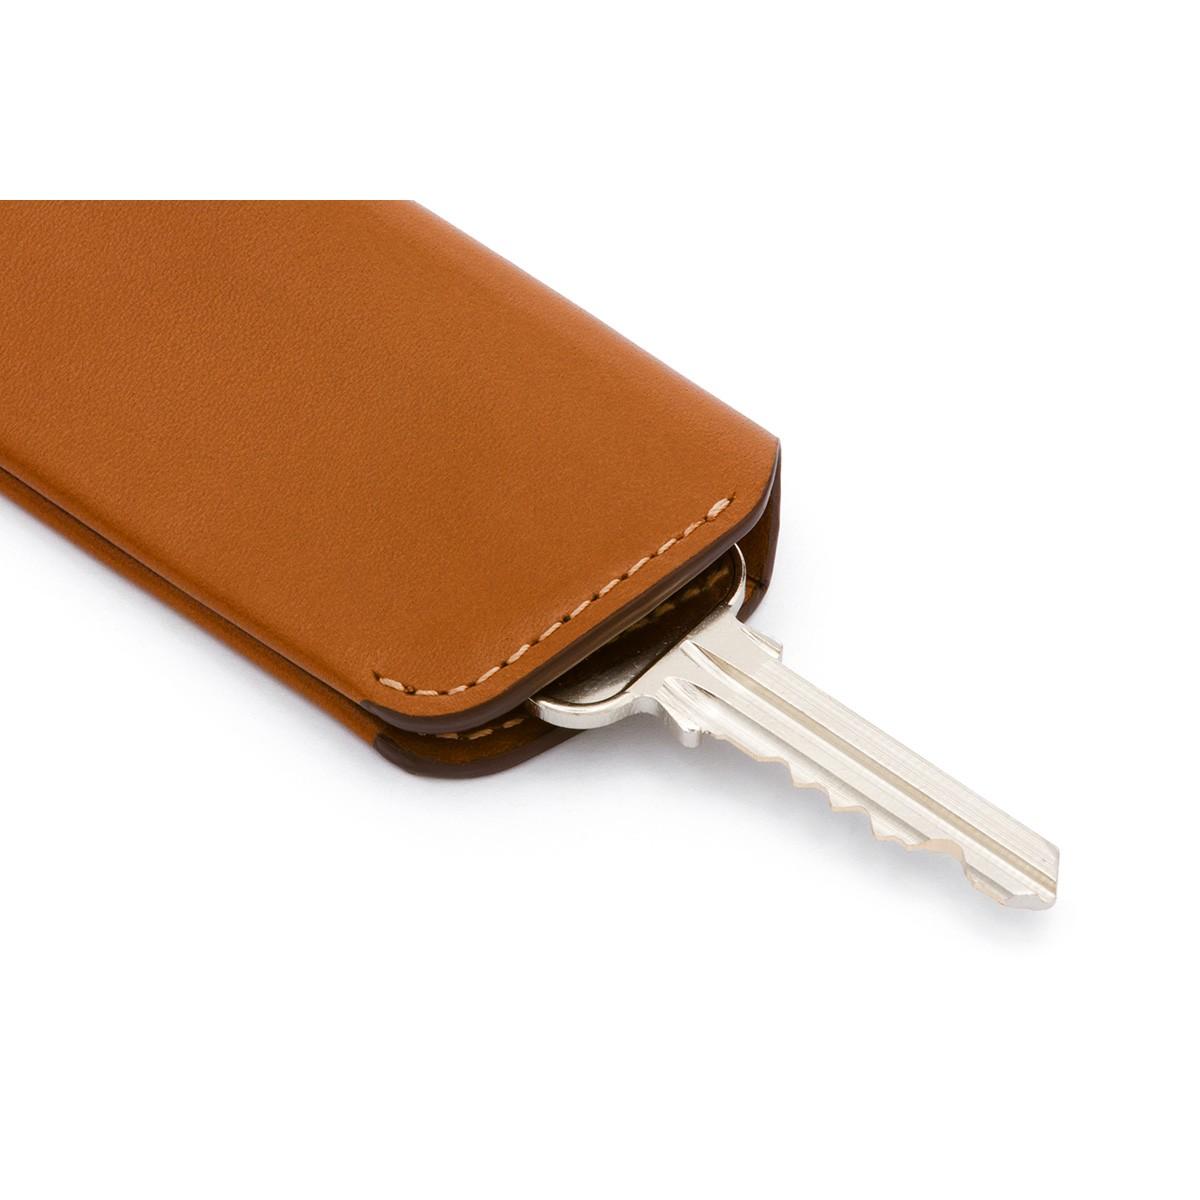 5a1b730a995d69 ... Bellroy Key Cover Plus Caramel ...